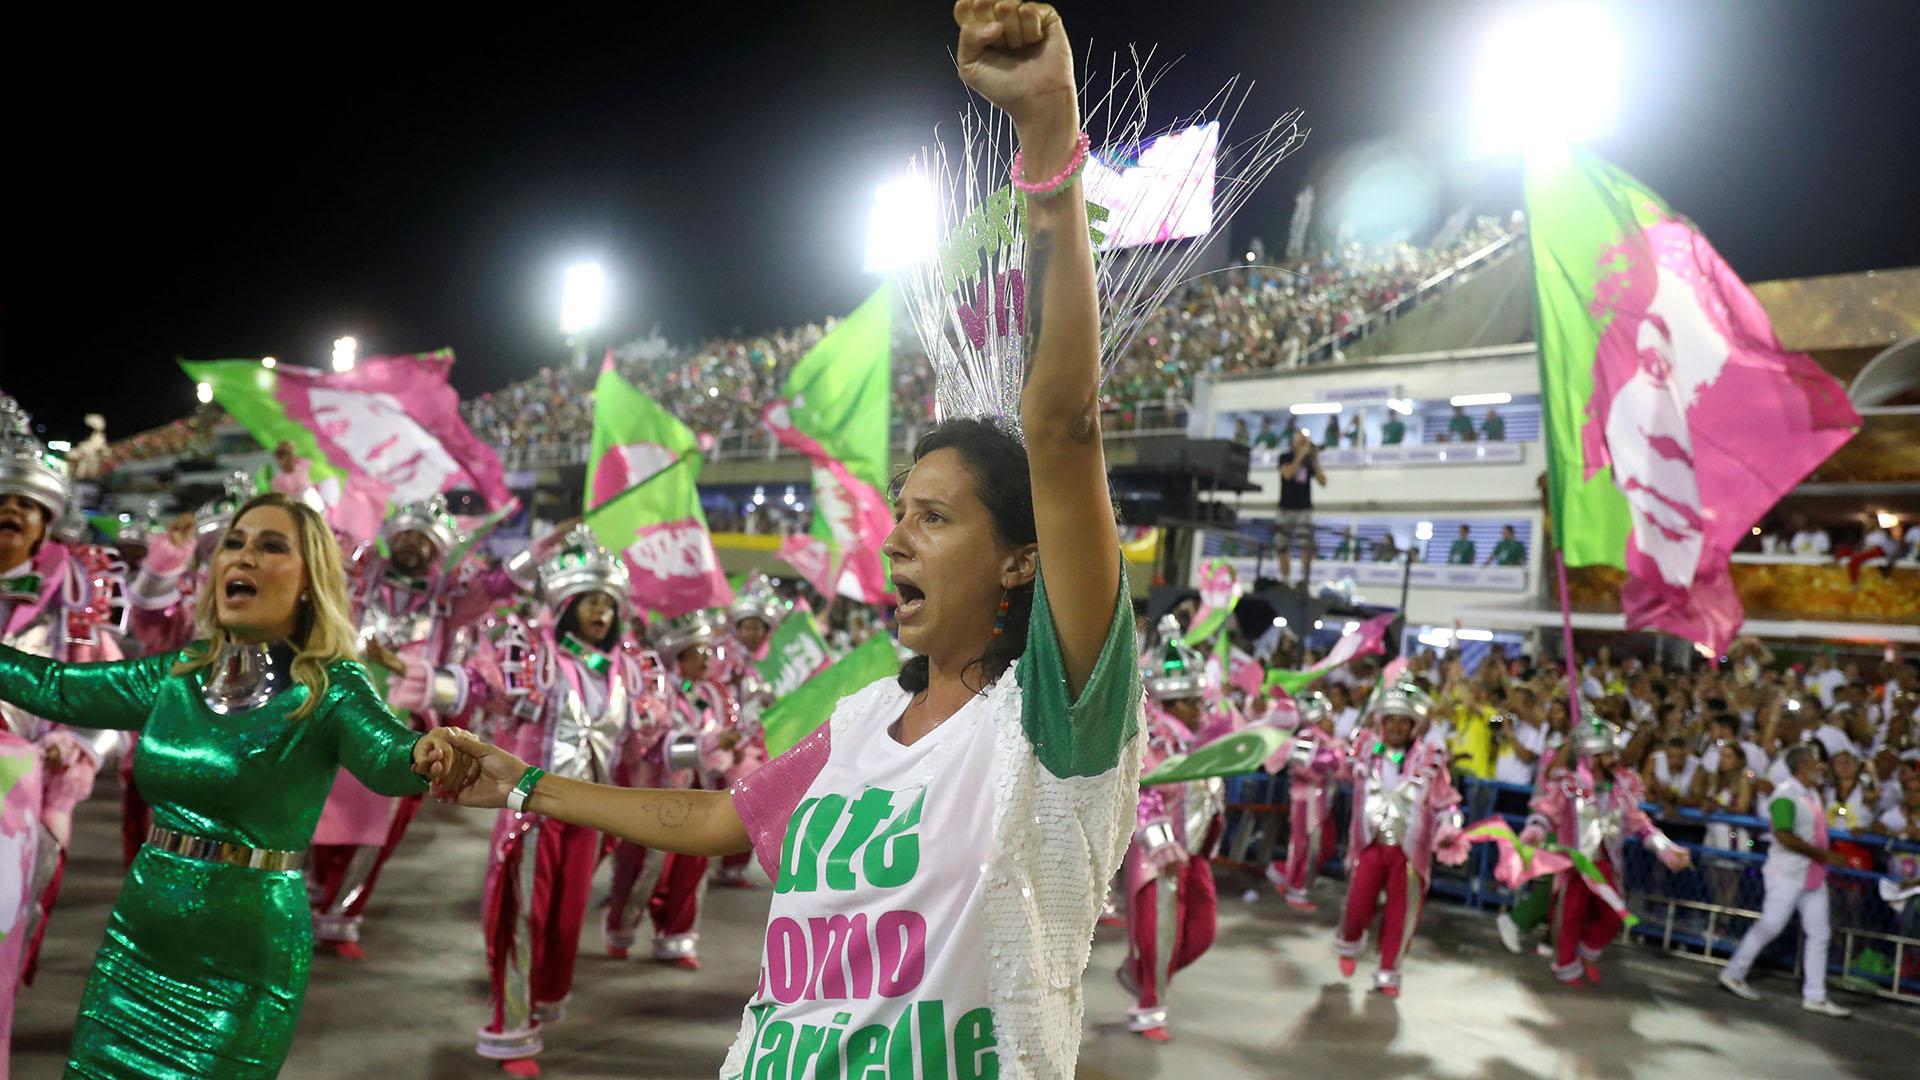 Benicio, con su brazo izquierdo en alto, el mensaje político más fuerte de la escuela Mangueira (REUTERS/Pilar Olivares)